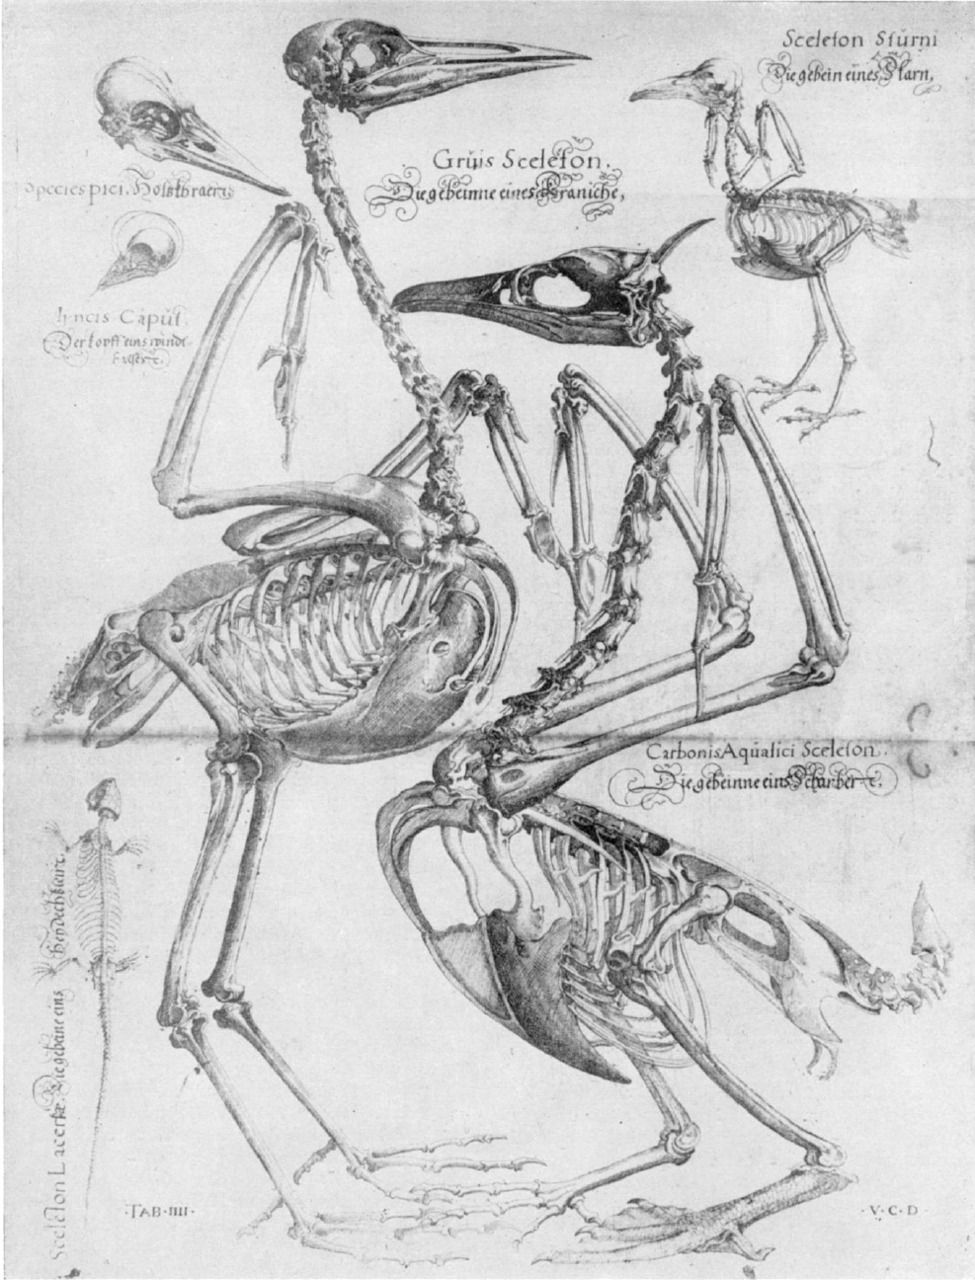 Bird skeletal anatomy